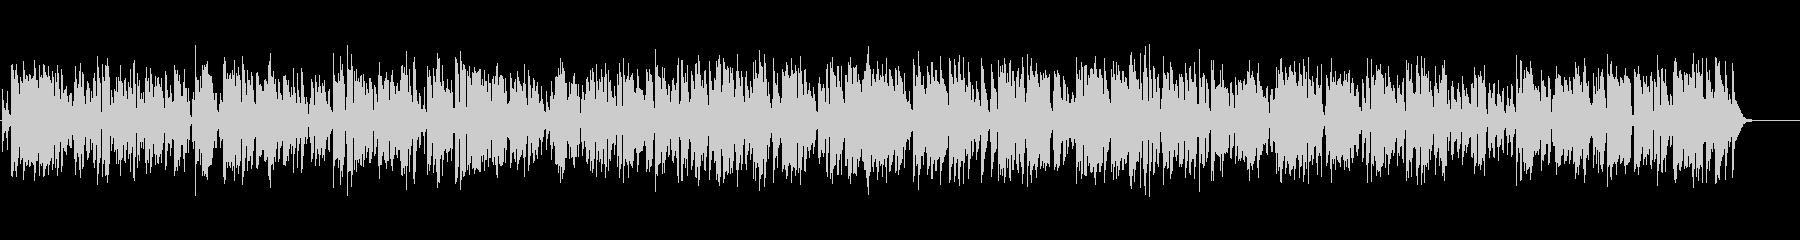 古めかしいクラリネットのオールドジャズの未再生の波形